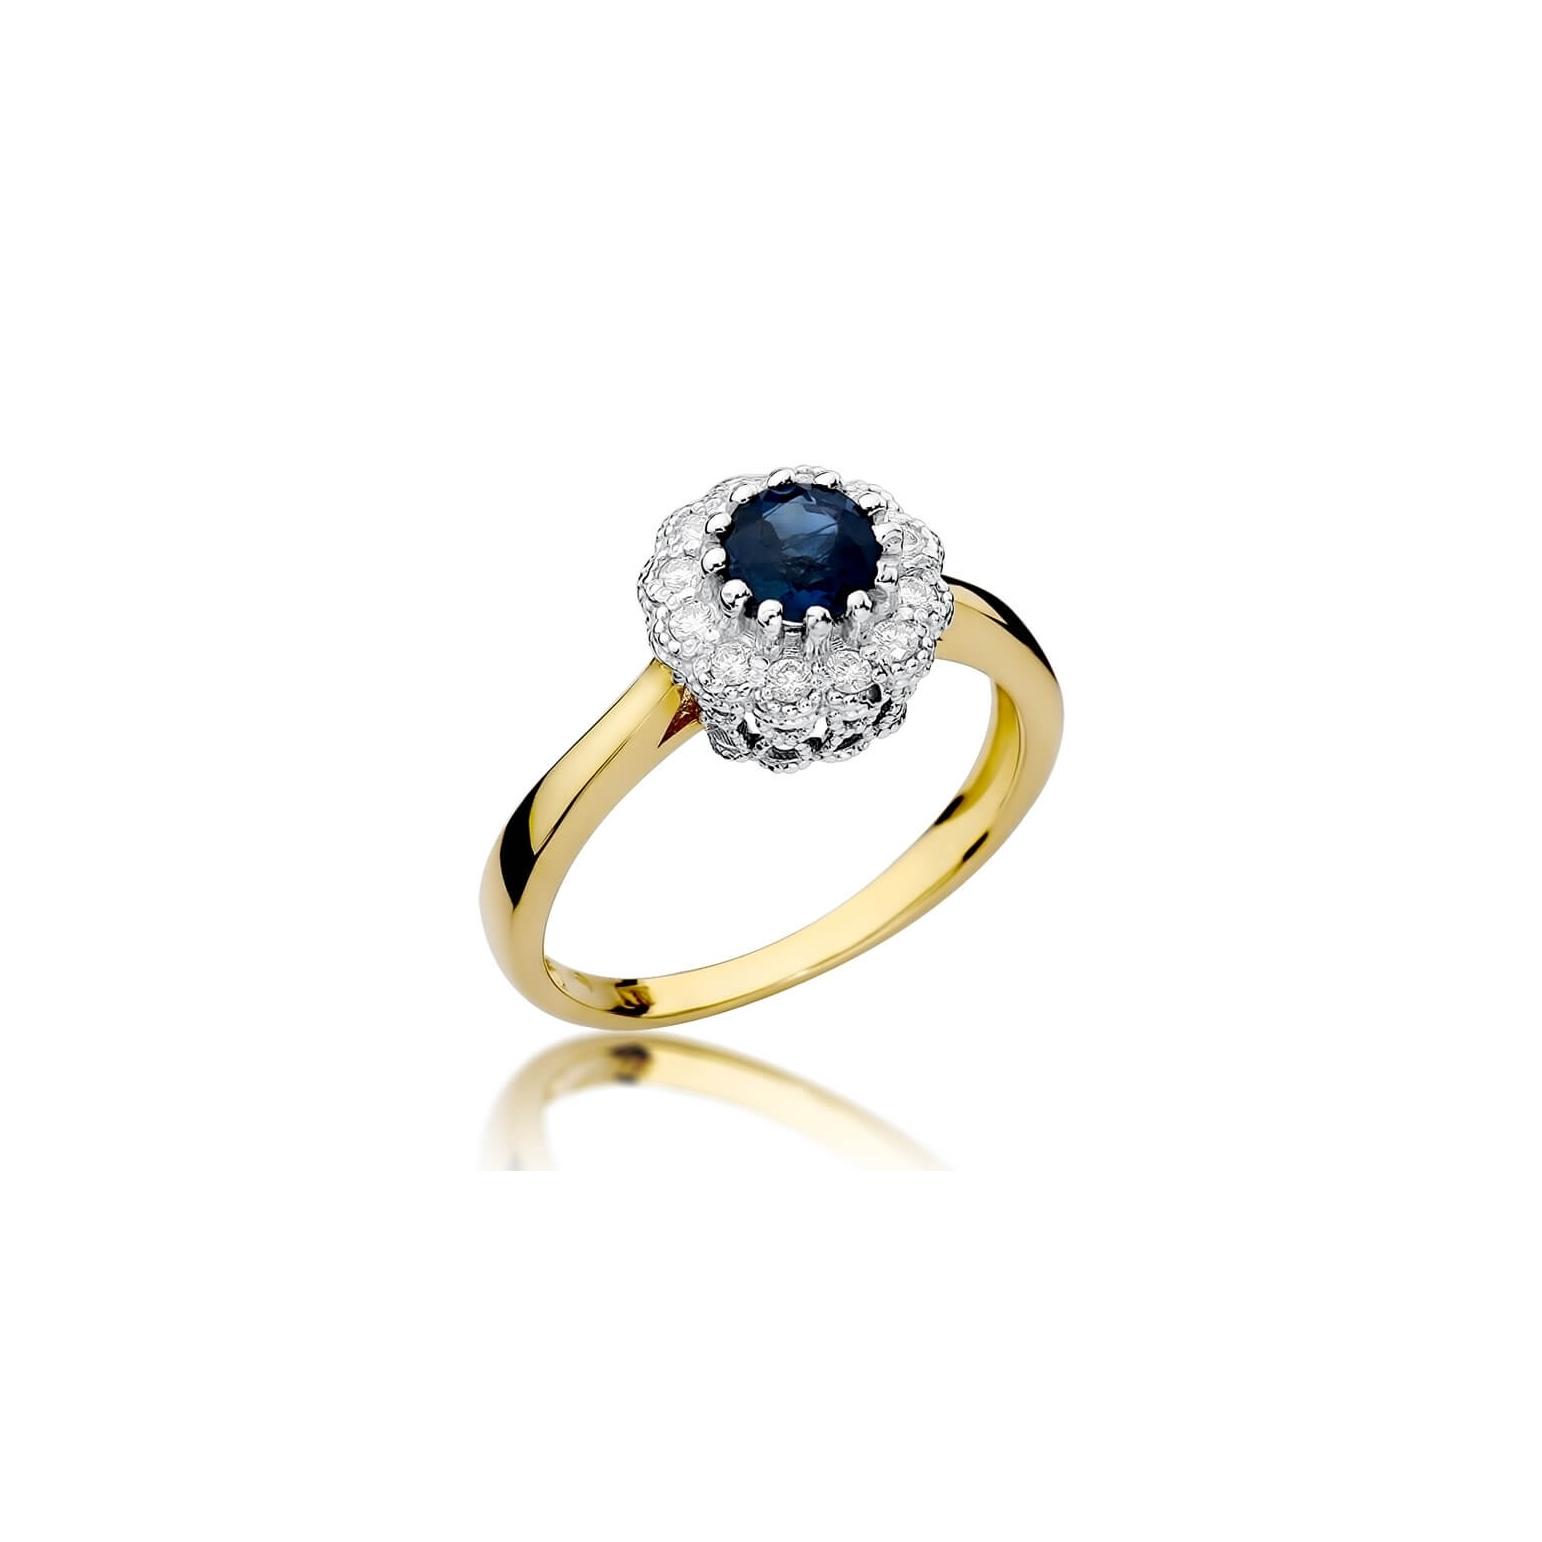 Złoty pierścionek z diamentem EY-284 szafir